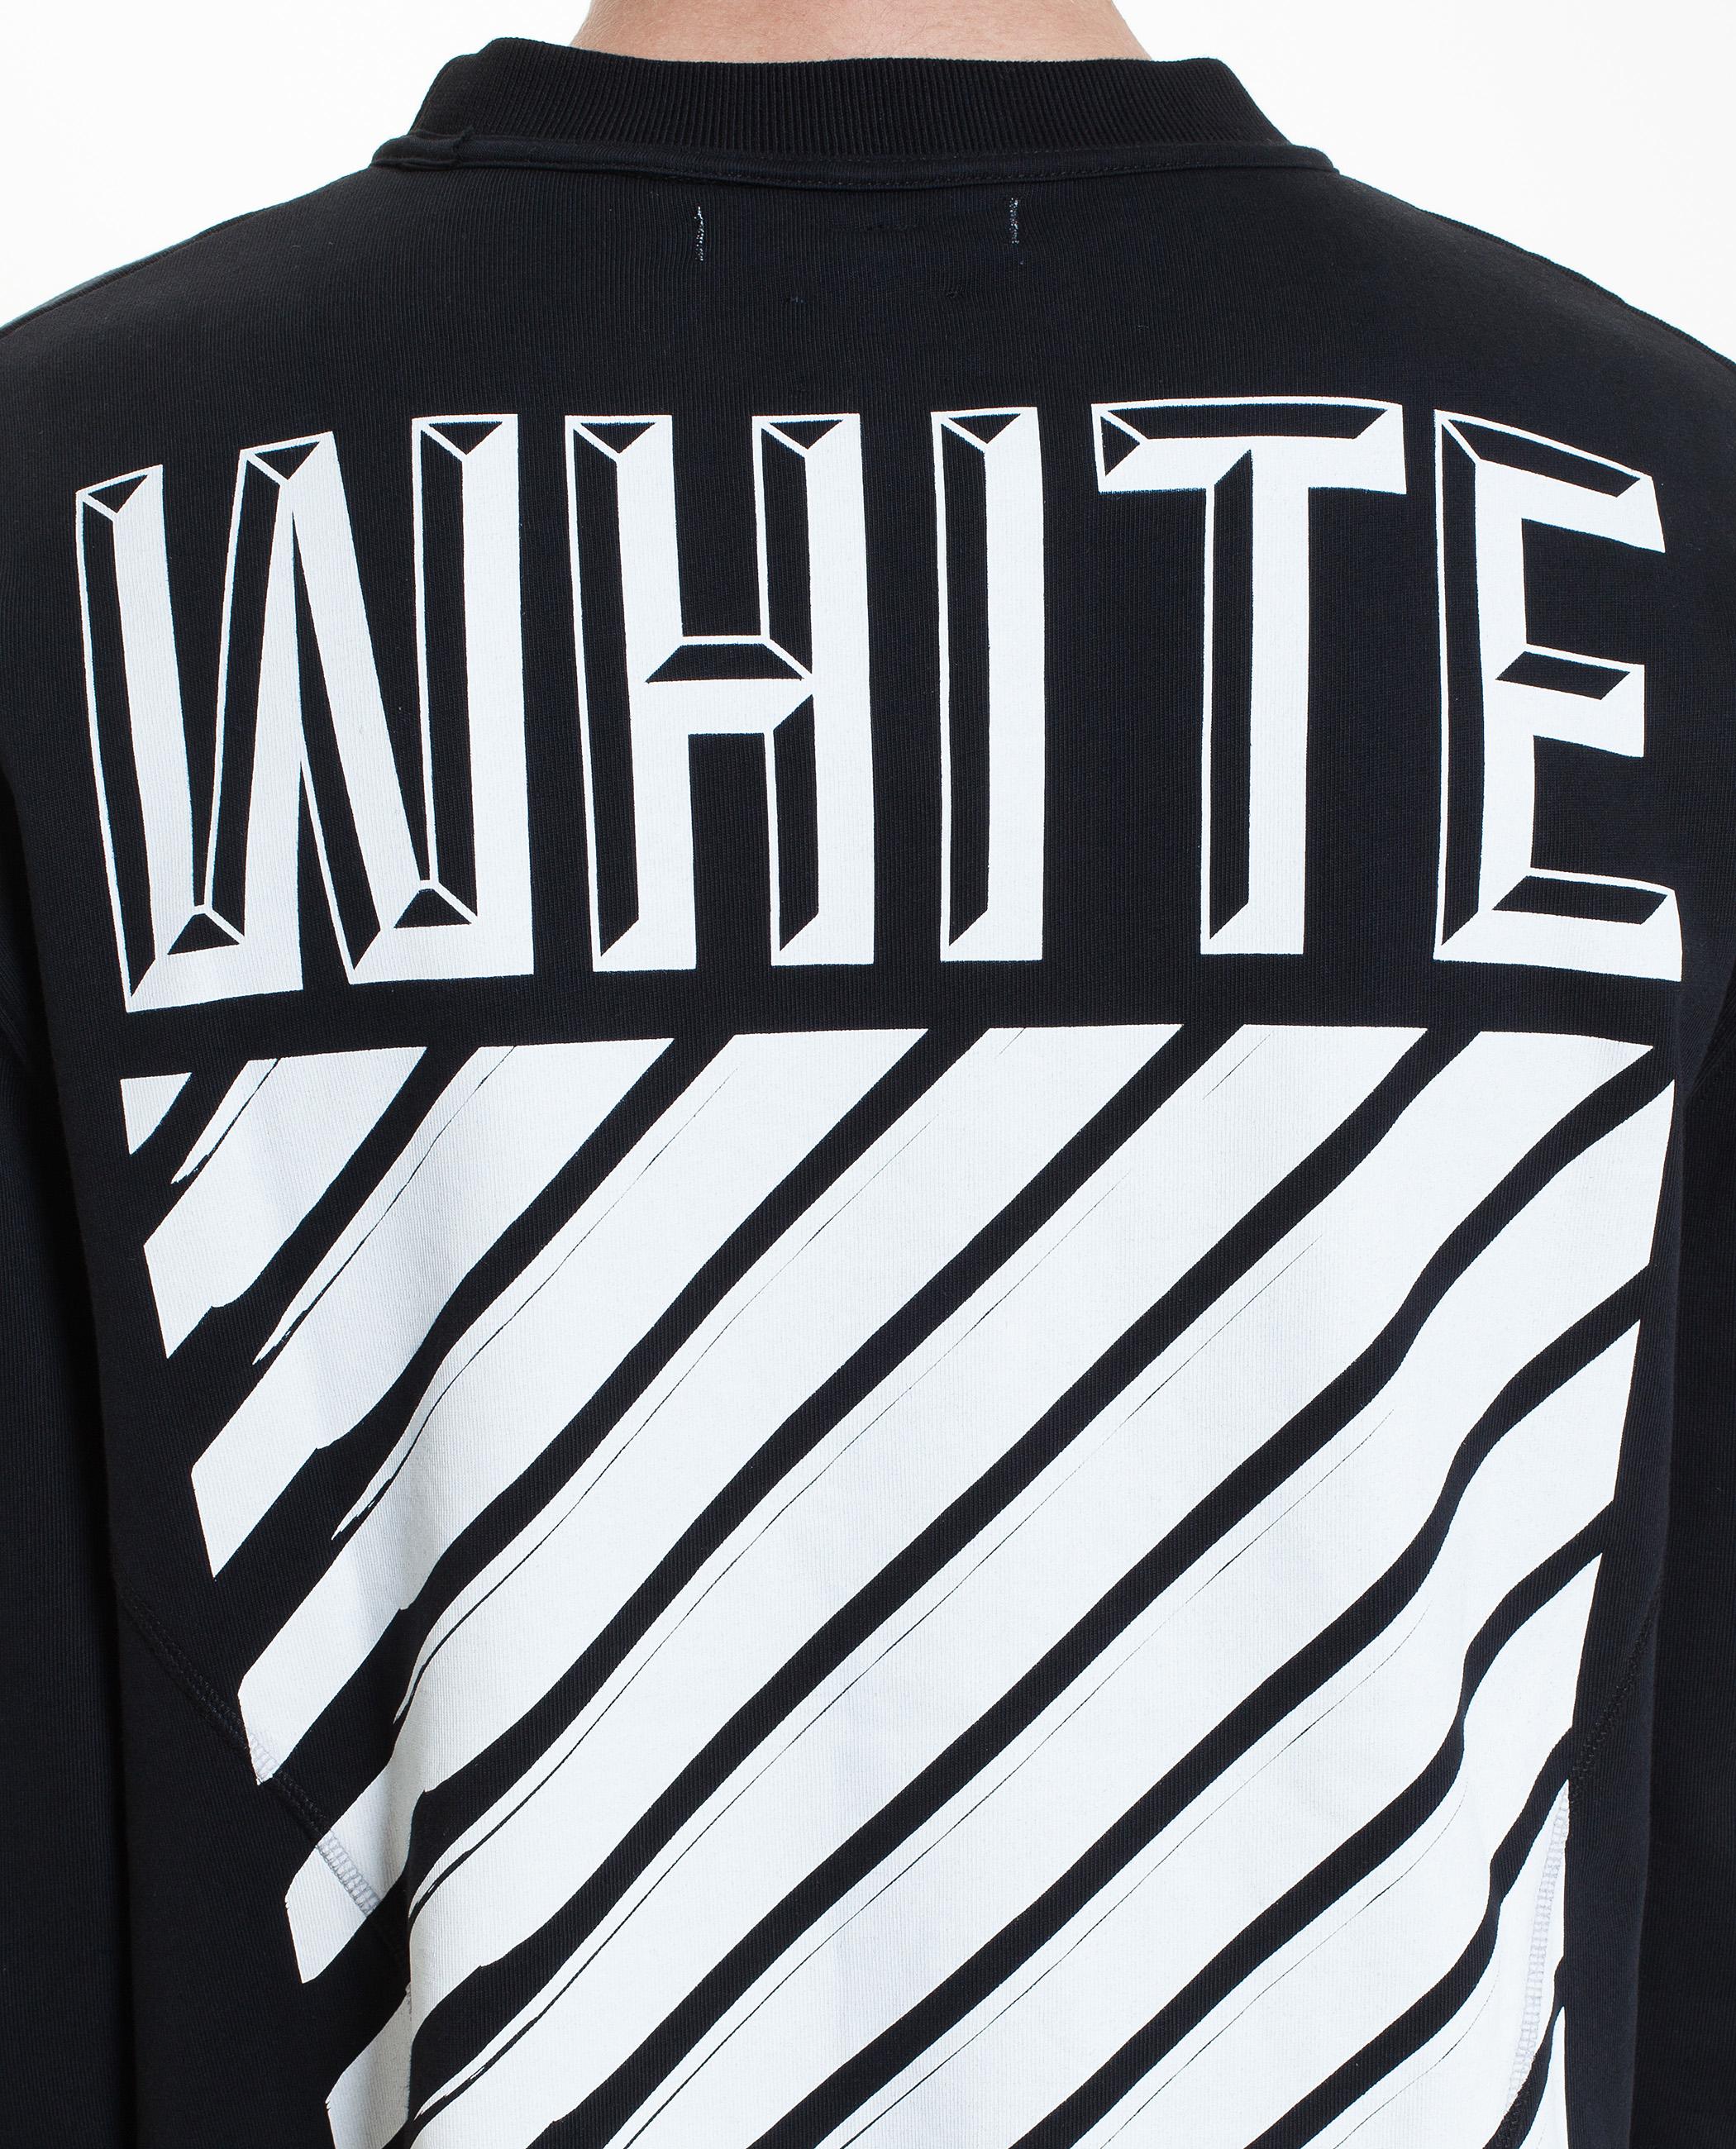 lyst off white c o virgil abloh 3d logo sweatshirt in black. Black Bedroom Furniture Sets. Home Design Ideas